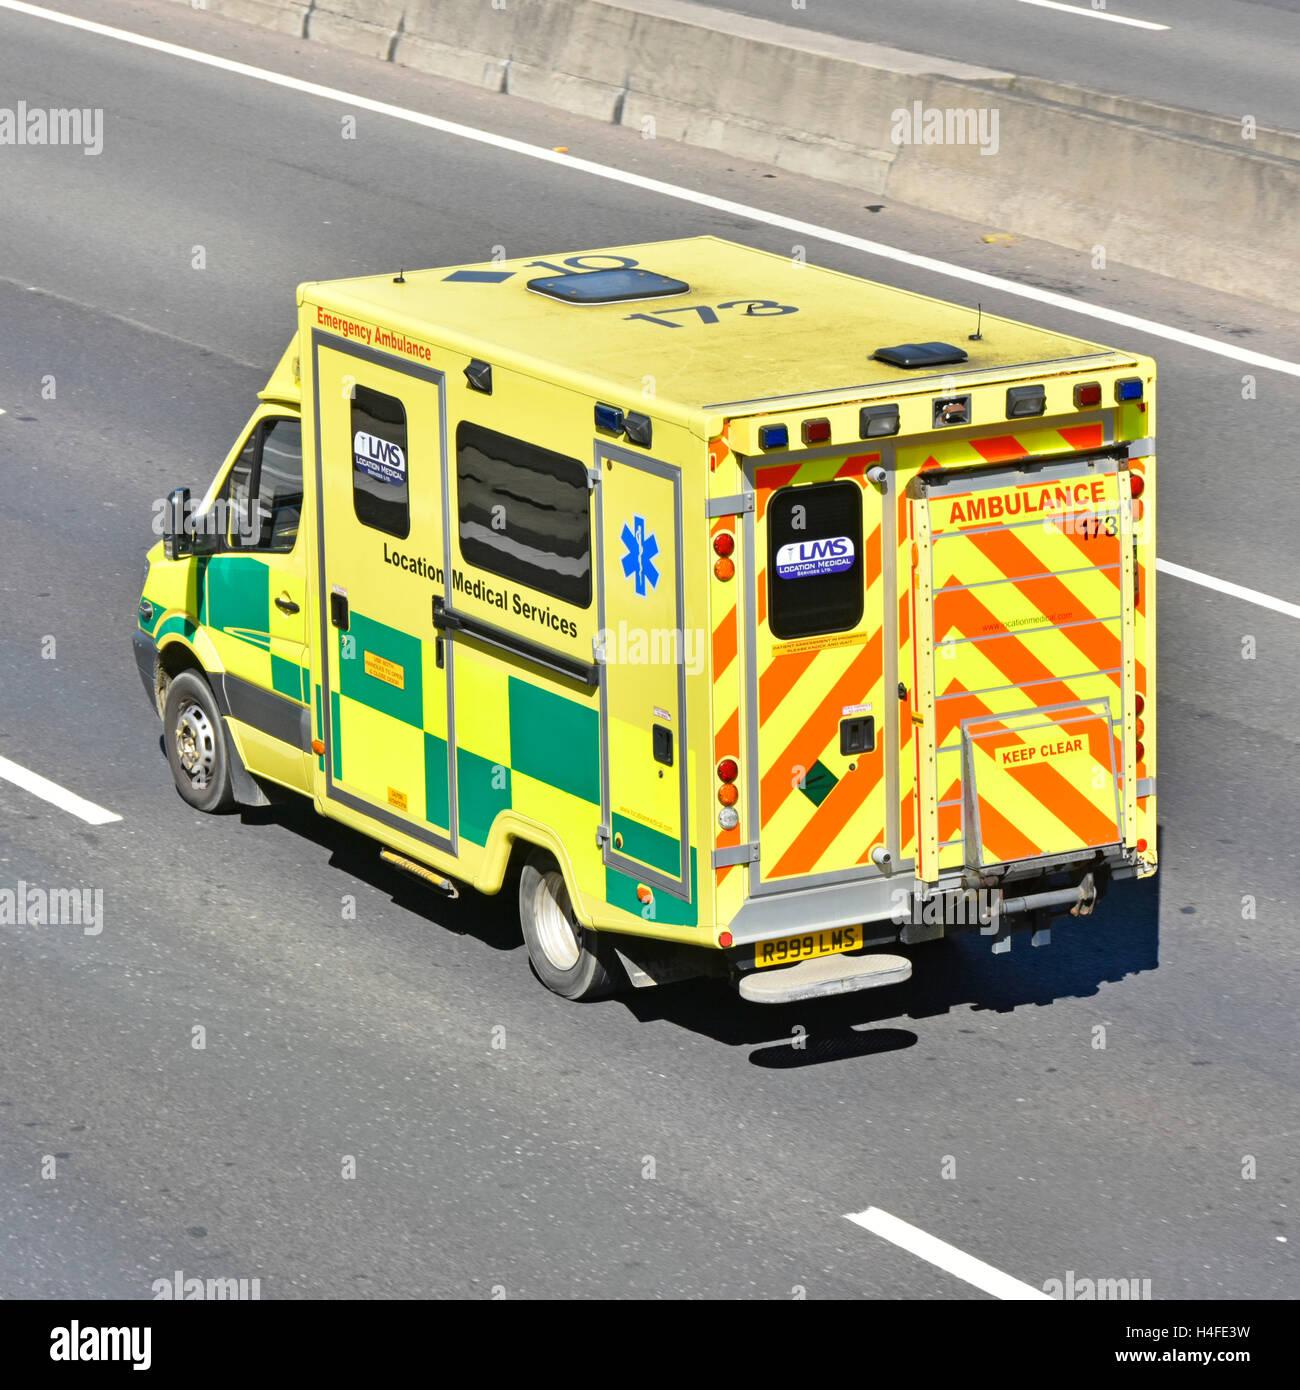 Vista lateral trasera y ambulancia de salud privado operado por Ubicación Servicios Médicos (LMS) paciente Imagen De Stock